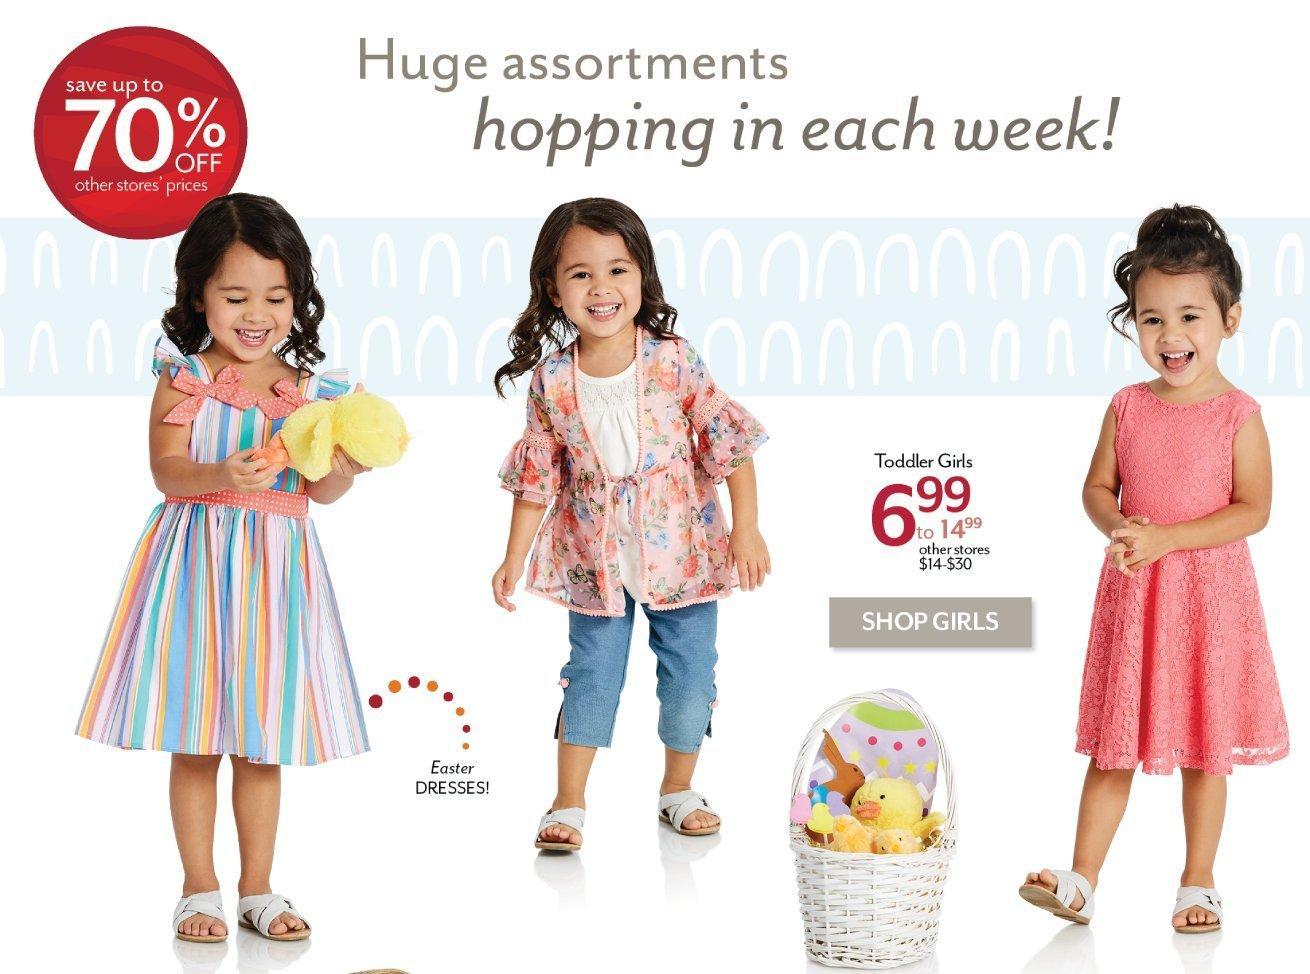 Shop Toddler Girls